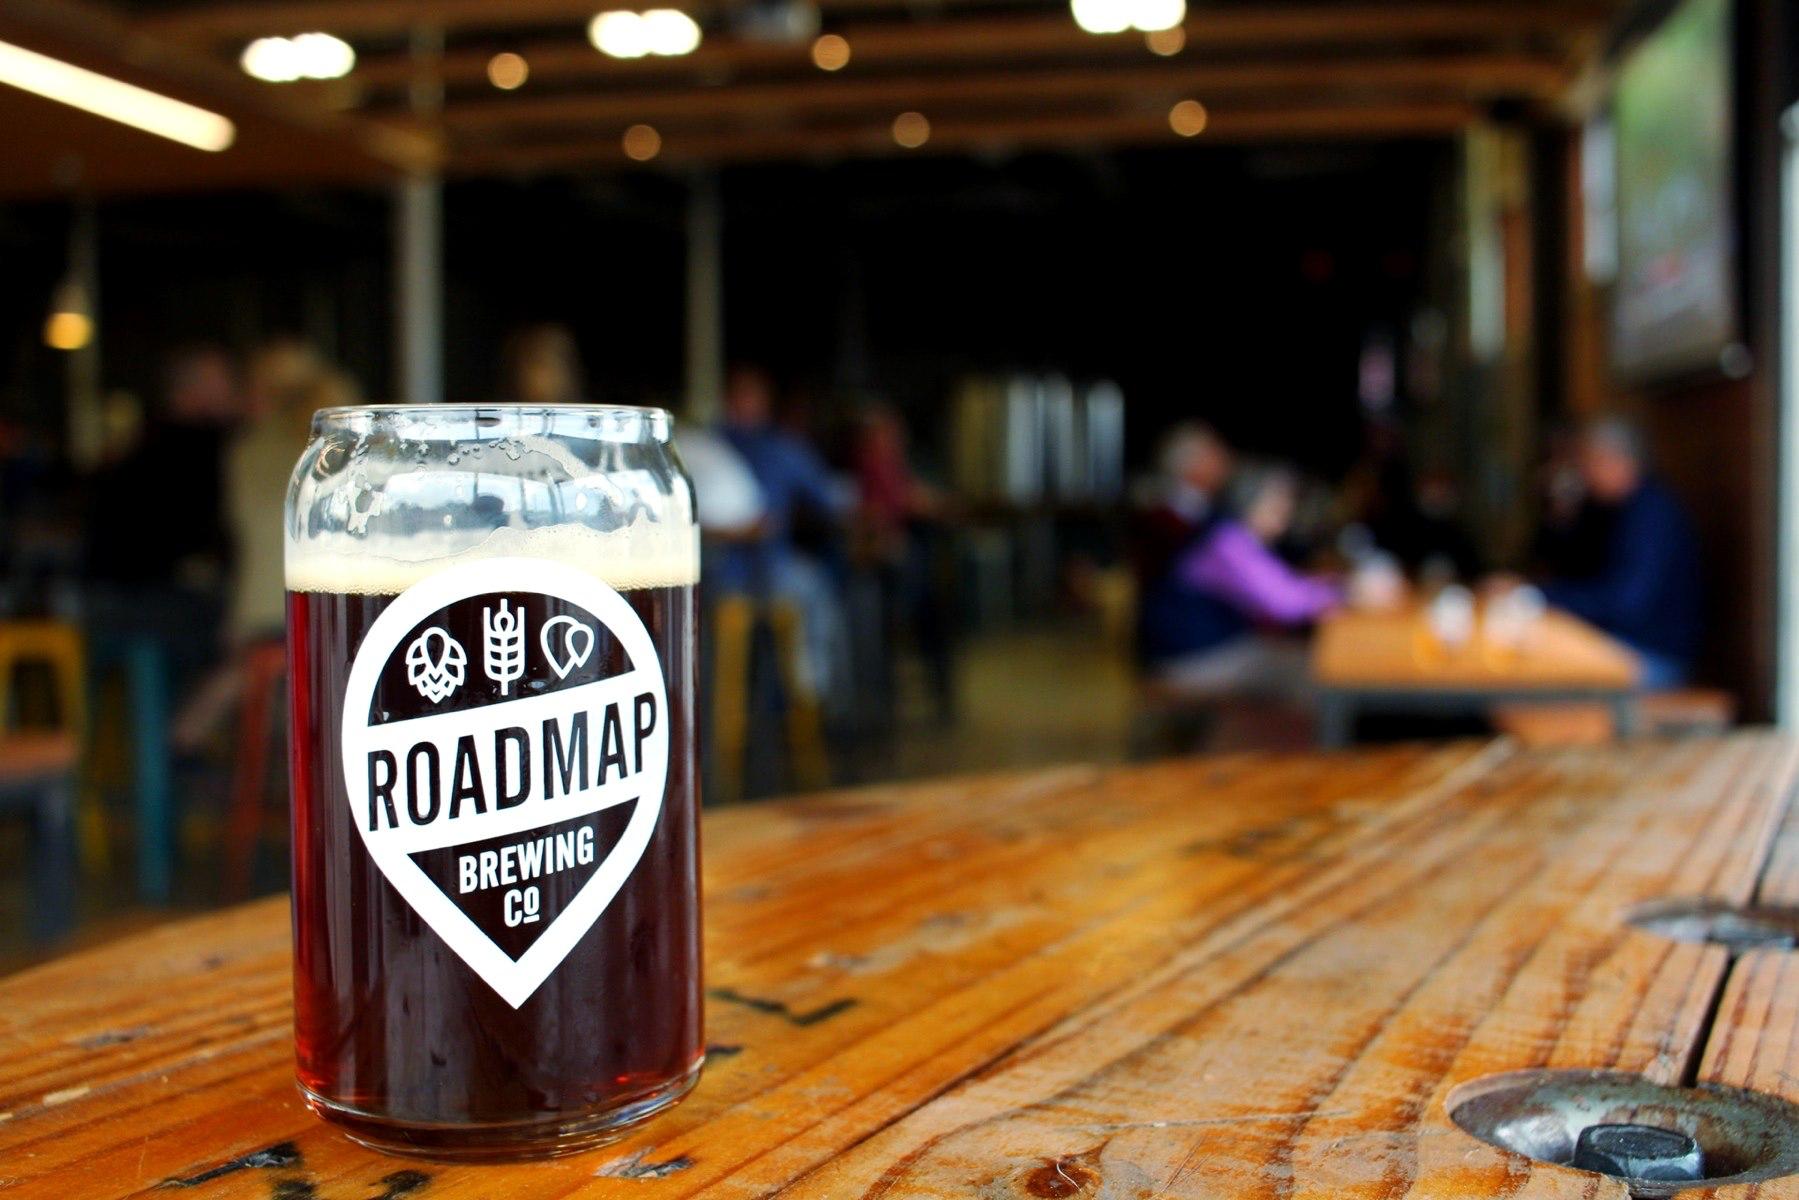 Roadmap beer